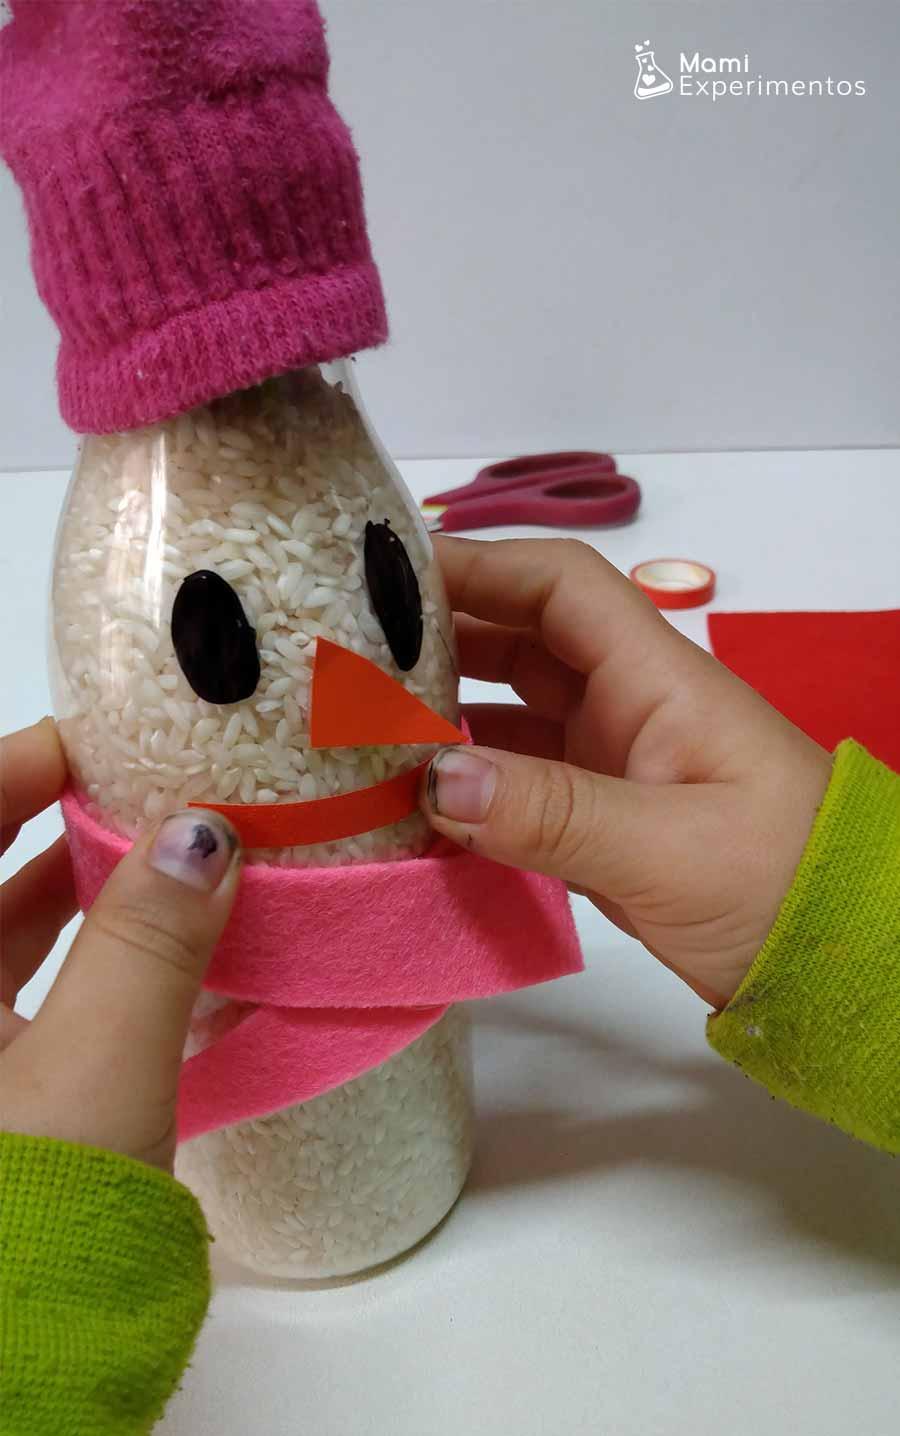 Decorando cara en botella sensorial muñeco de nieve